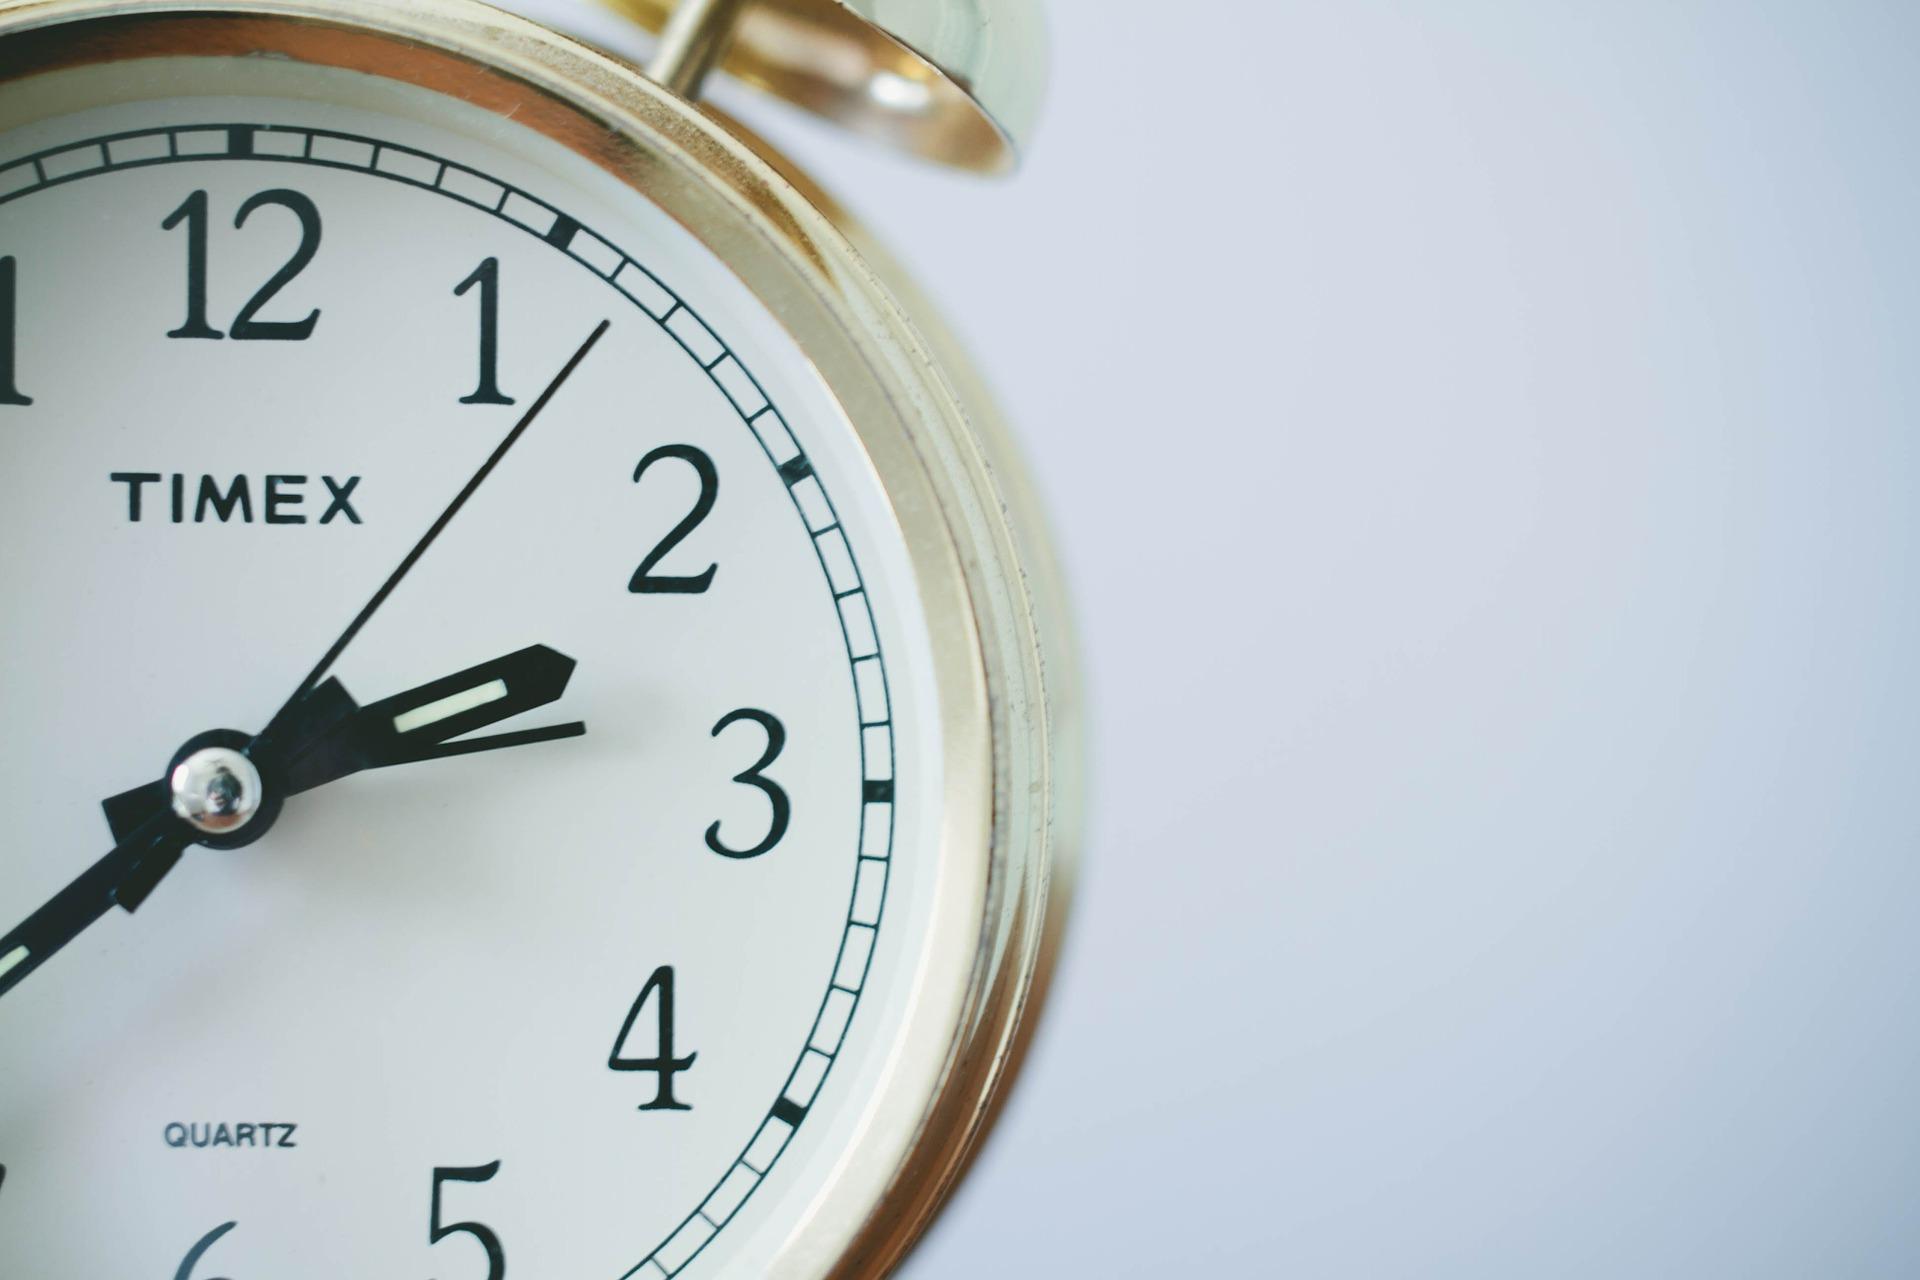 klok - wachten - CBR - keurdokter